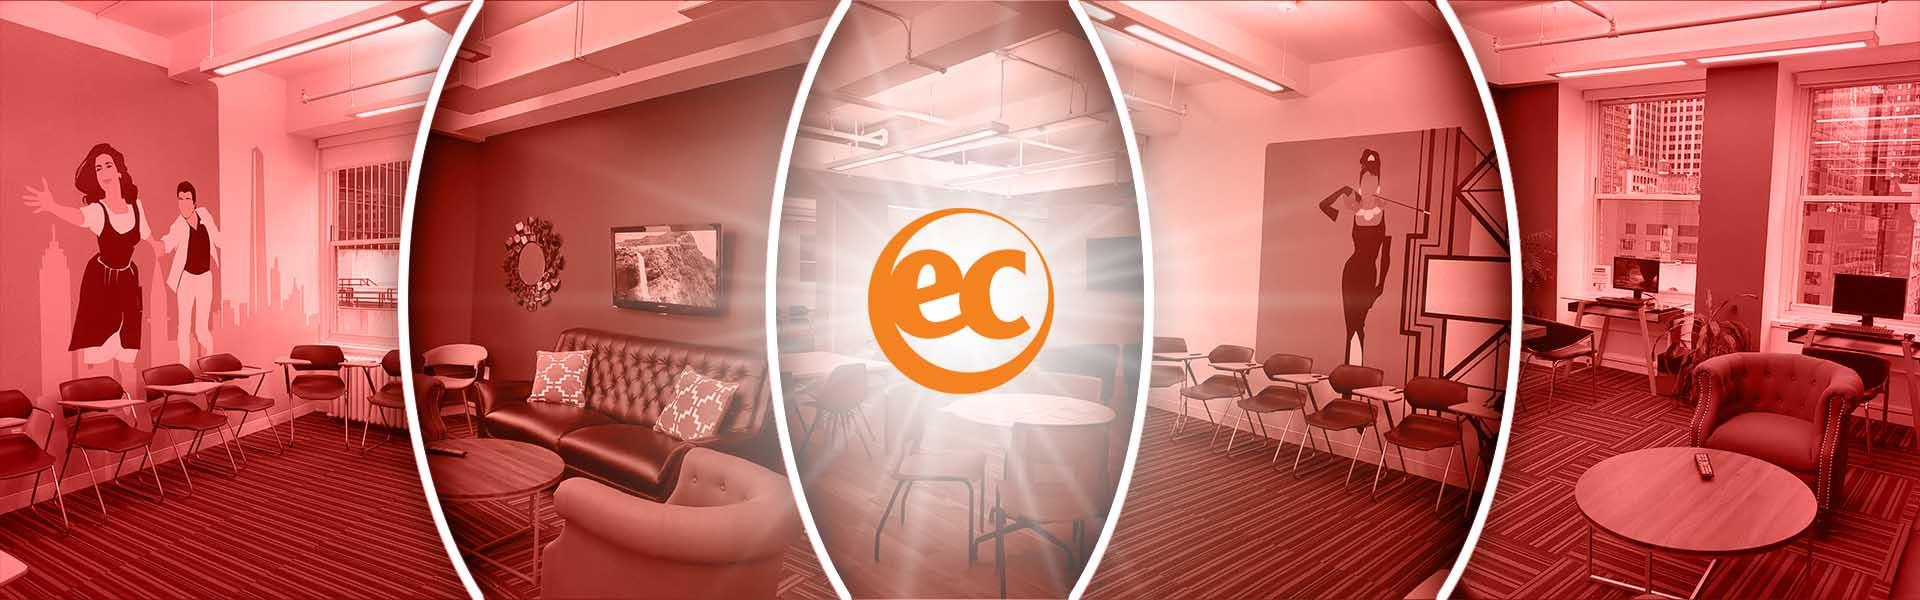 EC English New York